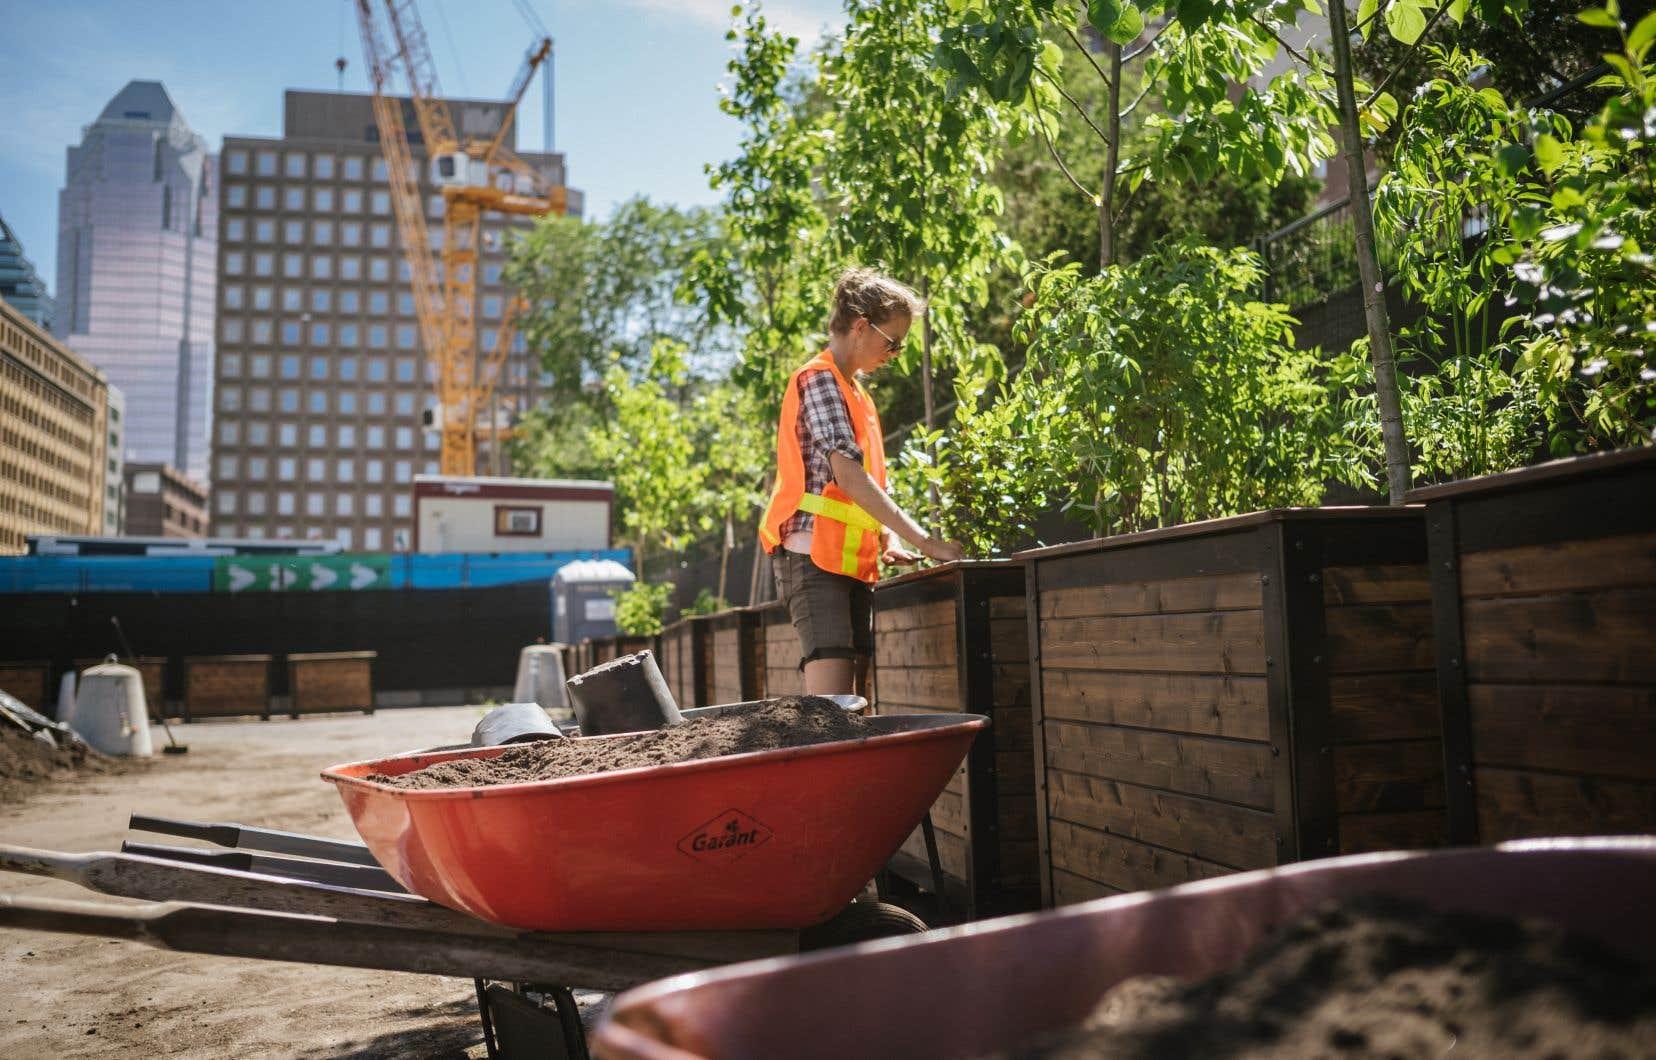 Le Quartier des spectacles prépare actuellement un vaste espace vert sur la place des Festivals pour accueillir les Montréalais durant l'été.